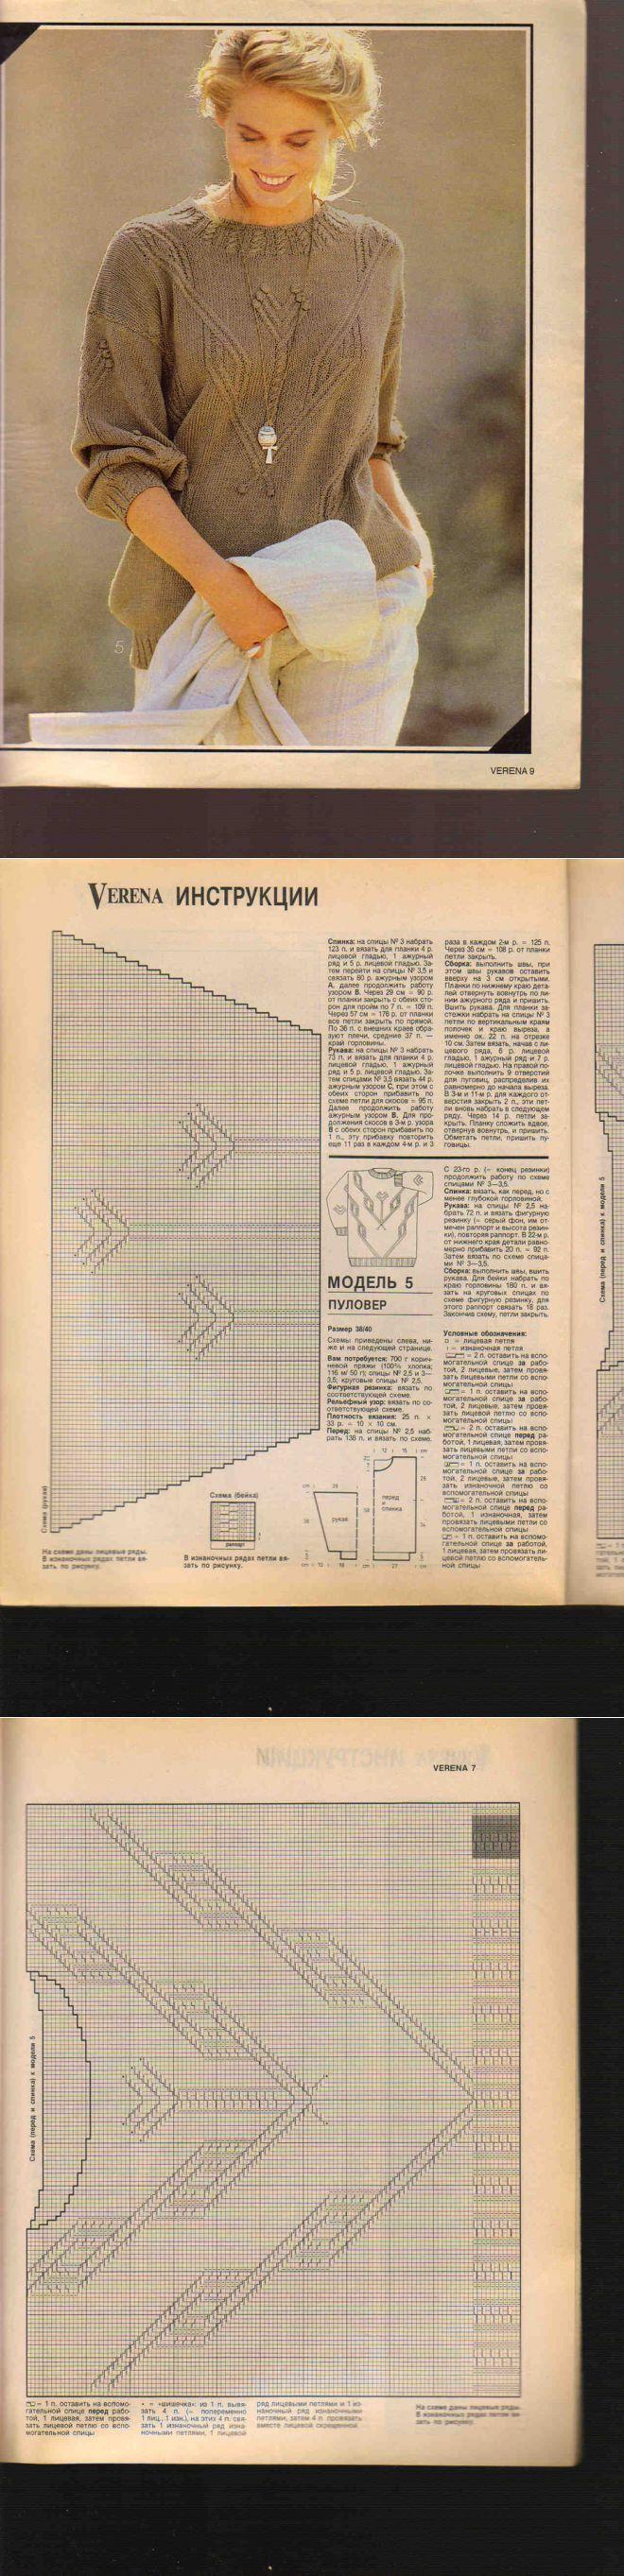 针织长袖衫 - 蕾妮的日志 - 网易博客 | вязание | Постила